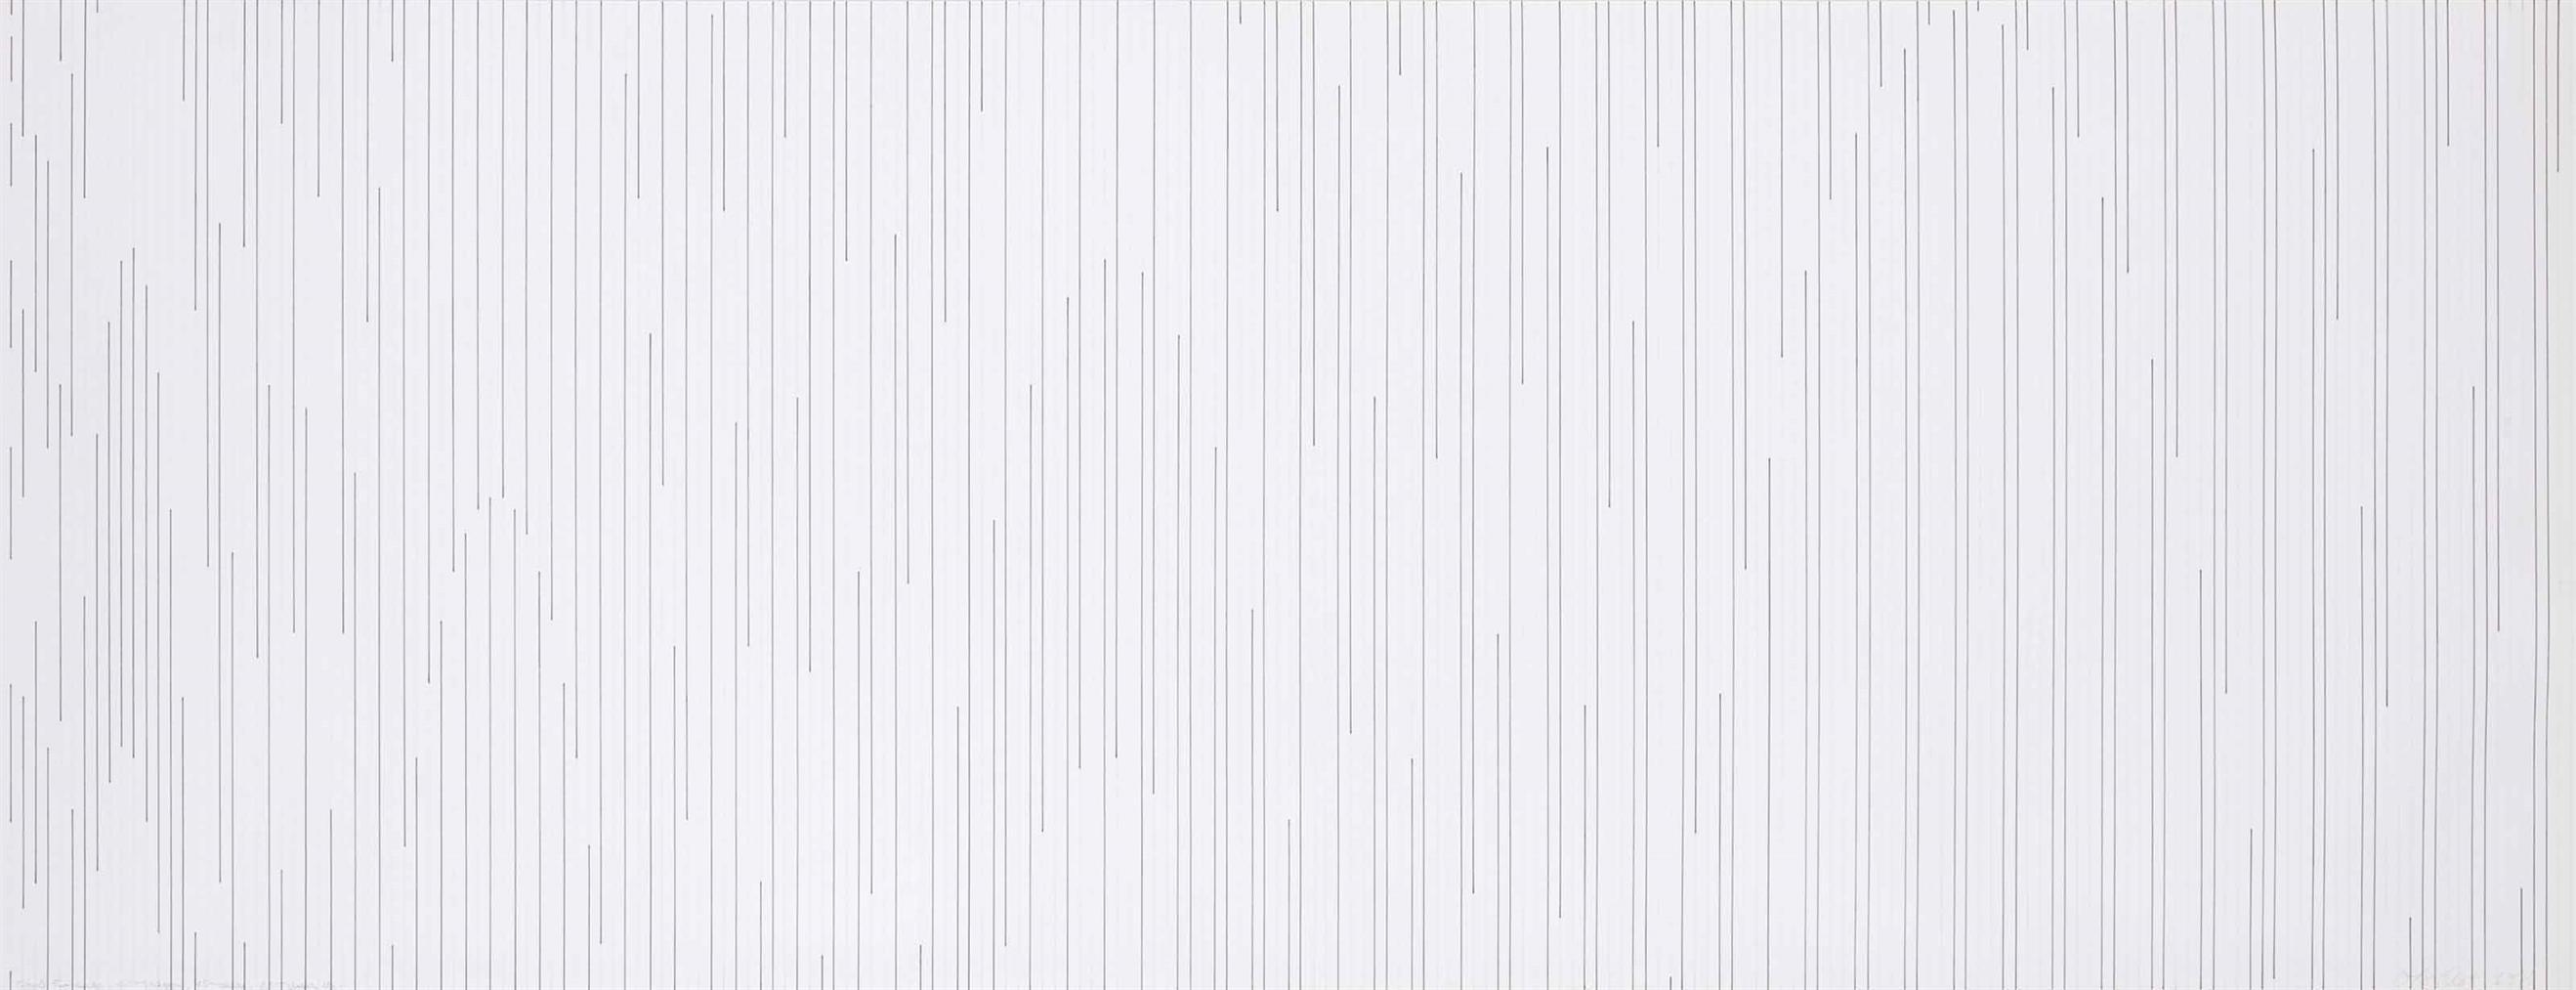 Francois Morellet-Tirets 5 Mm Encre, 10 Mm Crayon, 15 Mm Encre, 20 Mm Crayon Etc...-1977